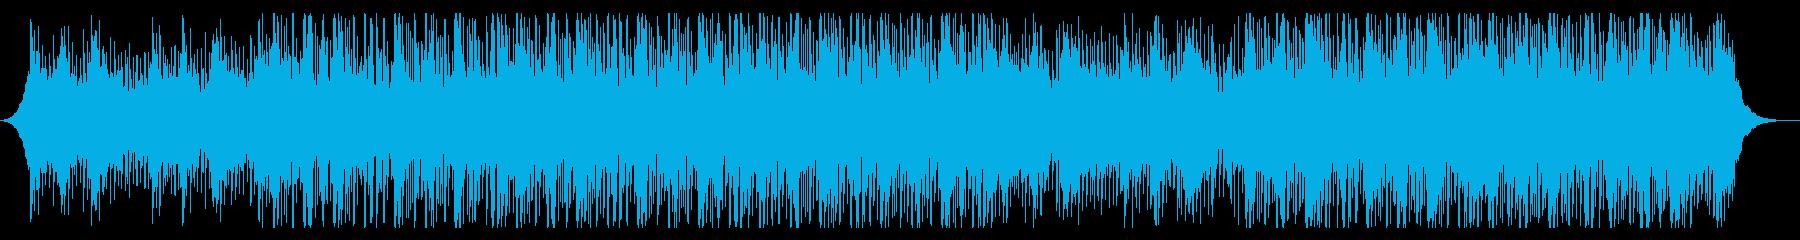 技術の未来の再生済みの波形